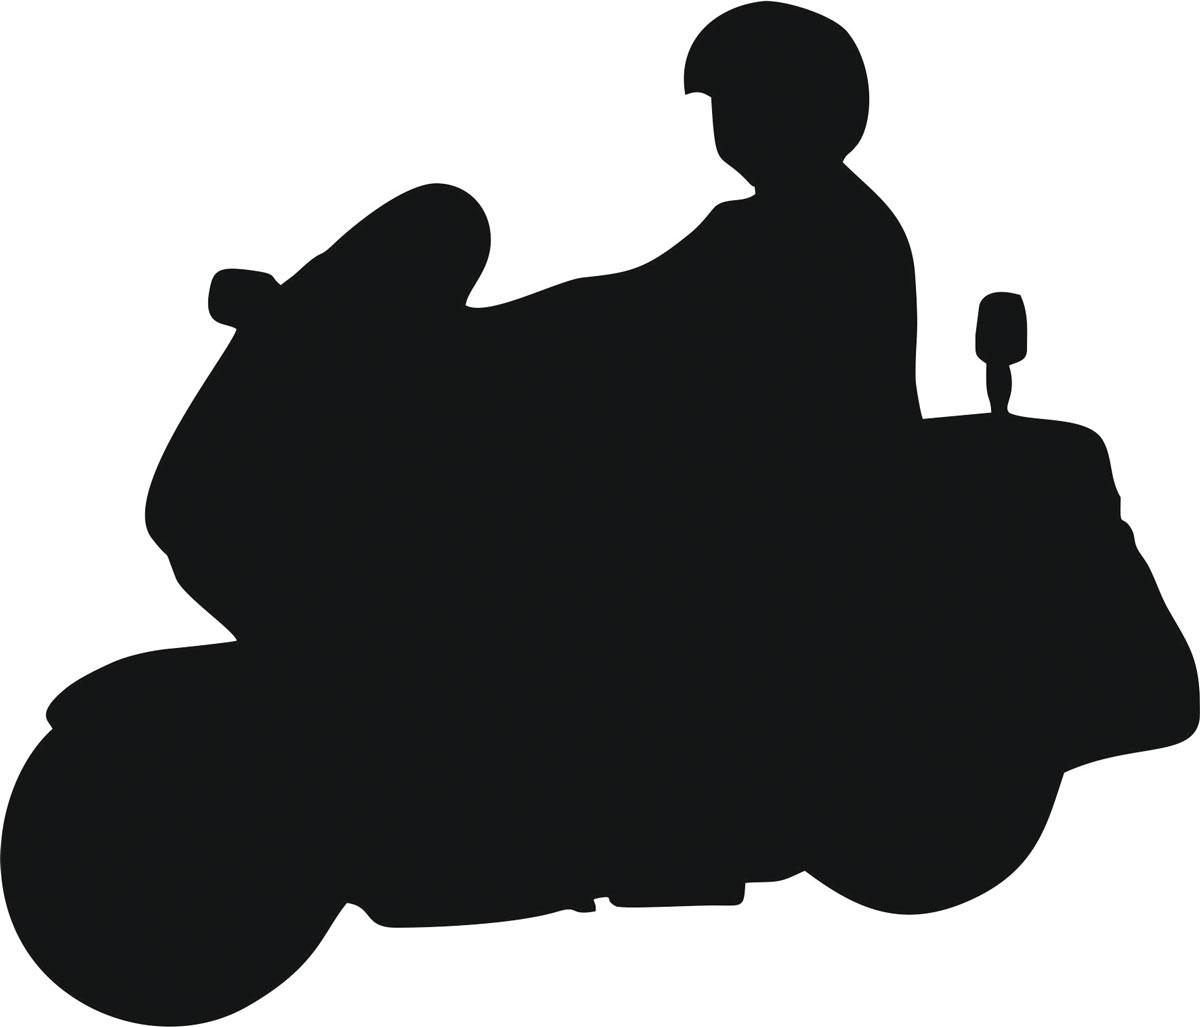 Наклейка автомобильная Оранжевый слоник Мотоциклист 12, виниловая, цвет: черный150MT00012BОригинальная наклейка Оранжевый слоник Мотоциклист 12 изготовлена из высококачественной виниловой пленки, которая выполняет не только декоративную функцию, но и защищает кузов автомобиля от небольших механических повреждений, либо скрывает уже существующие. Виниловые наклейки на автомобиль - это не только красиво, но еще и быстро! Всего за несколько минут вы можете полностью преобразить свой автомобиль, сделать его ярким, необычным, особенным и неповторимым!